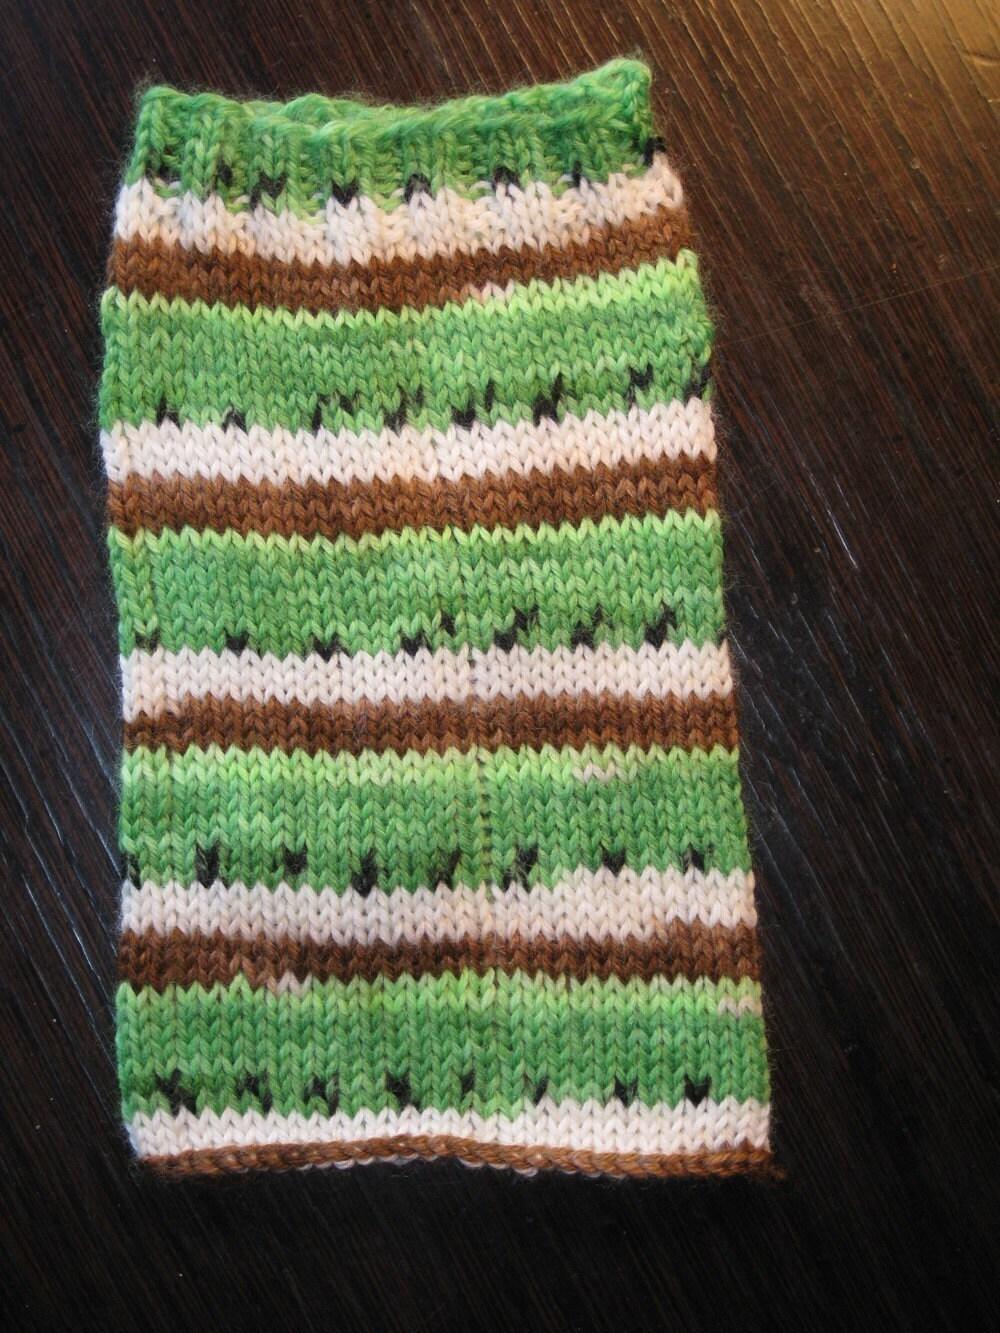 Pre-order - 460 yards hand painted self striping kiwi fruit sock yarn - superwash wool